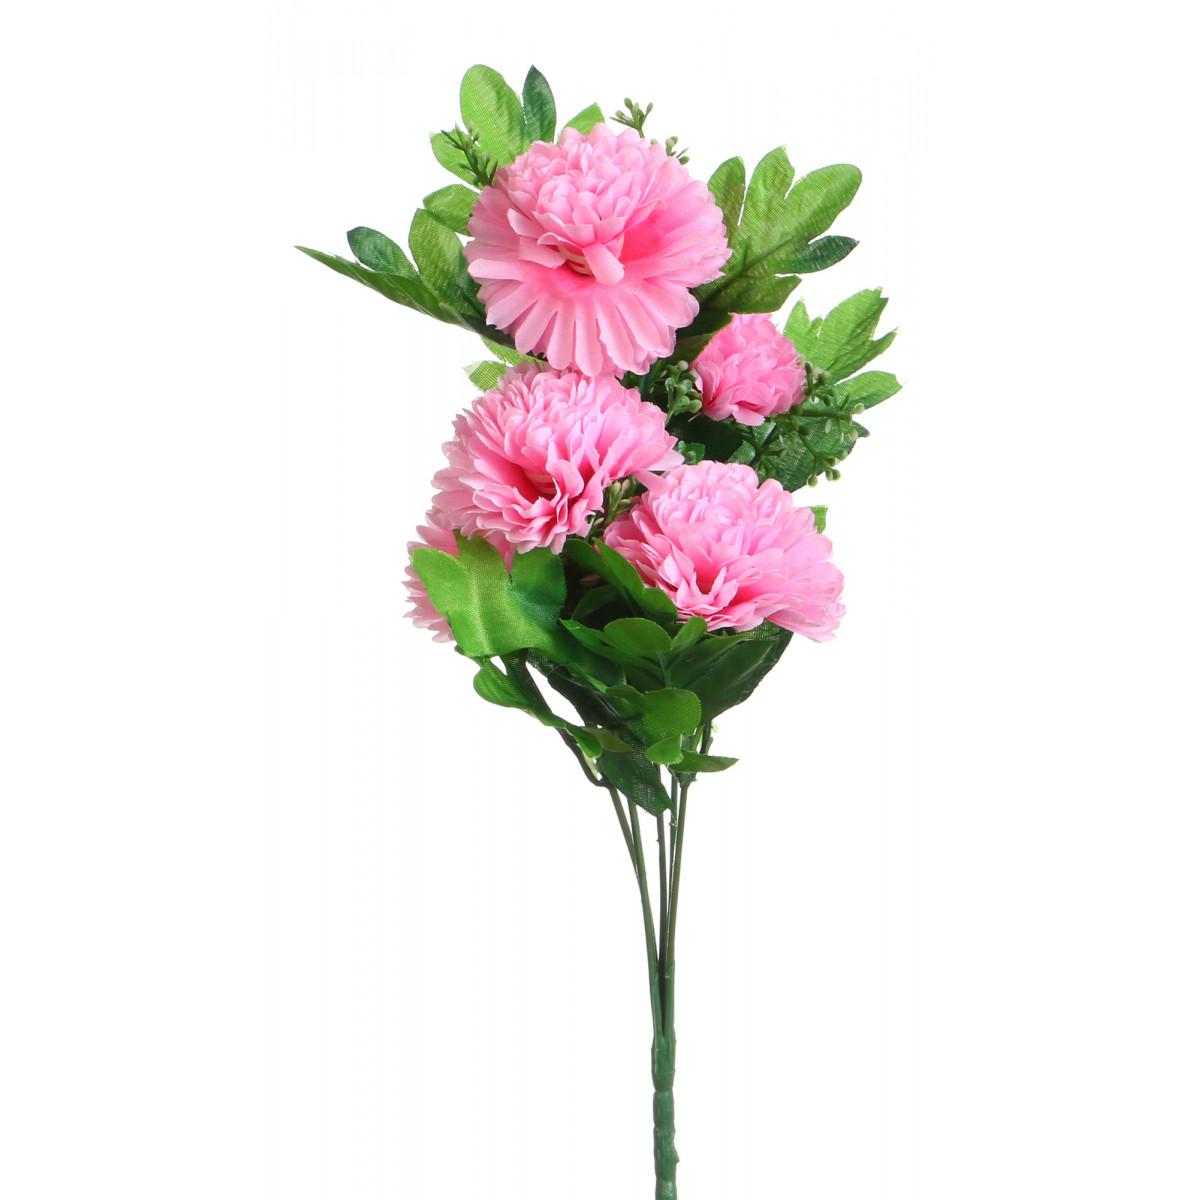 {} Arti-M Искусственный цветок Sharon  (32 см) sharon sloane трусы с внутренним анальным страпоном размер l